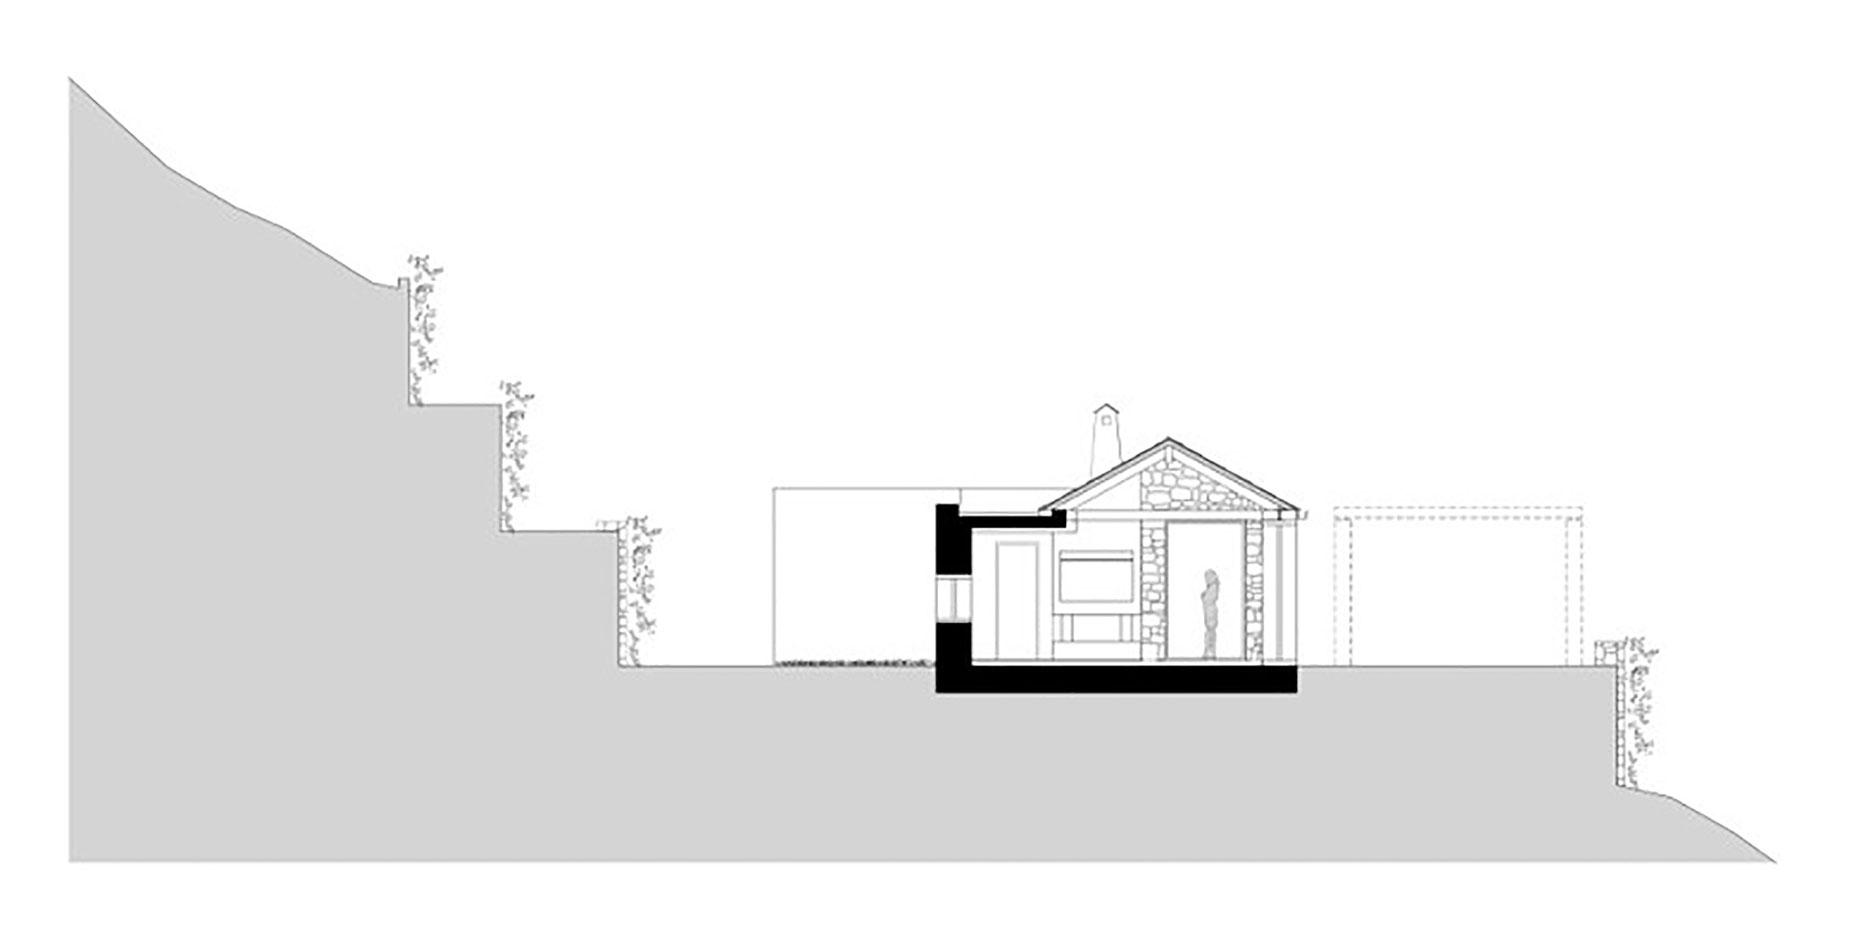 Melana Residence by Valia Foufa & Panagiotis Papassotiriou-21